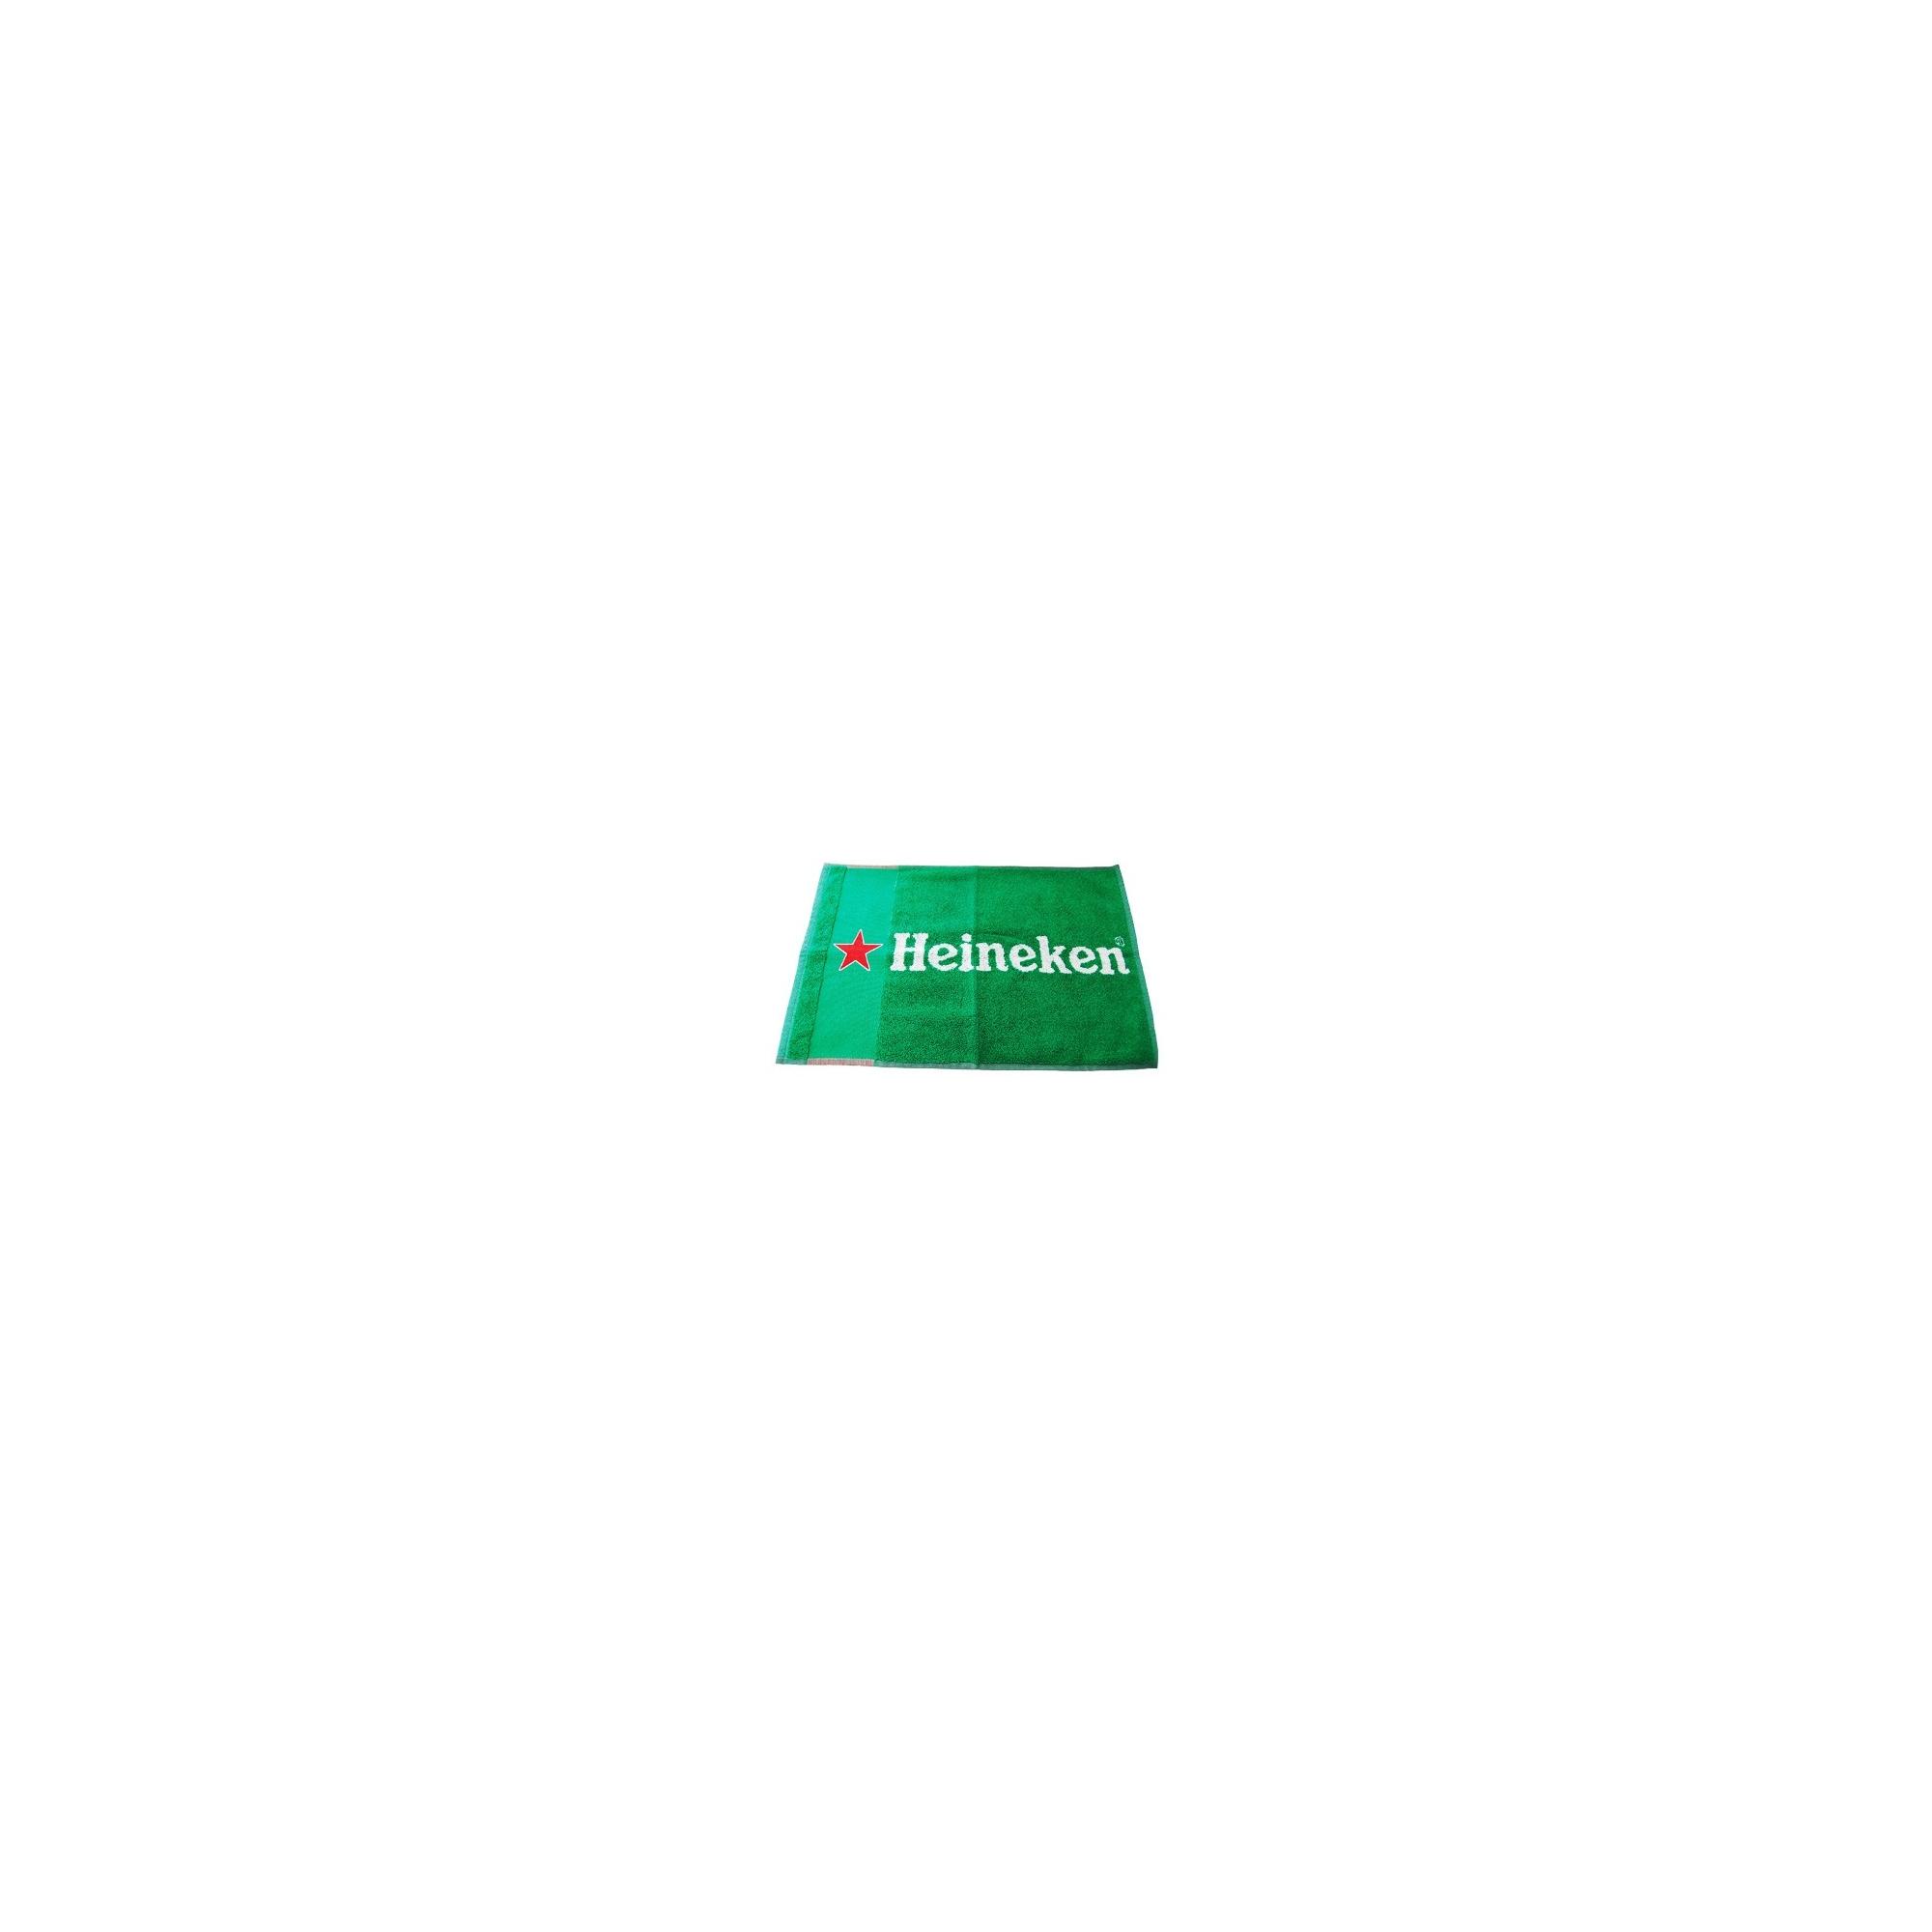 Tapis de Bar Heineken de la Brasserie Heineken Entreprise